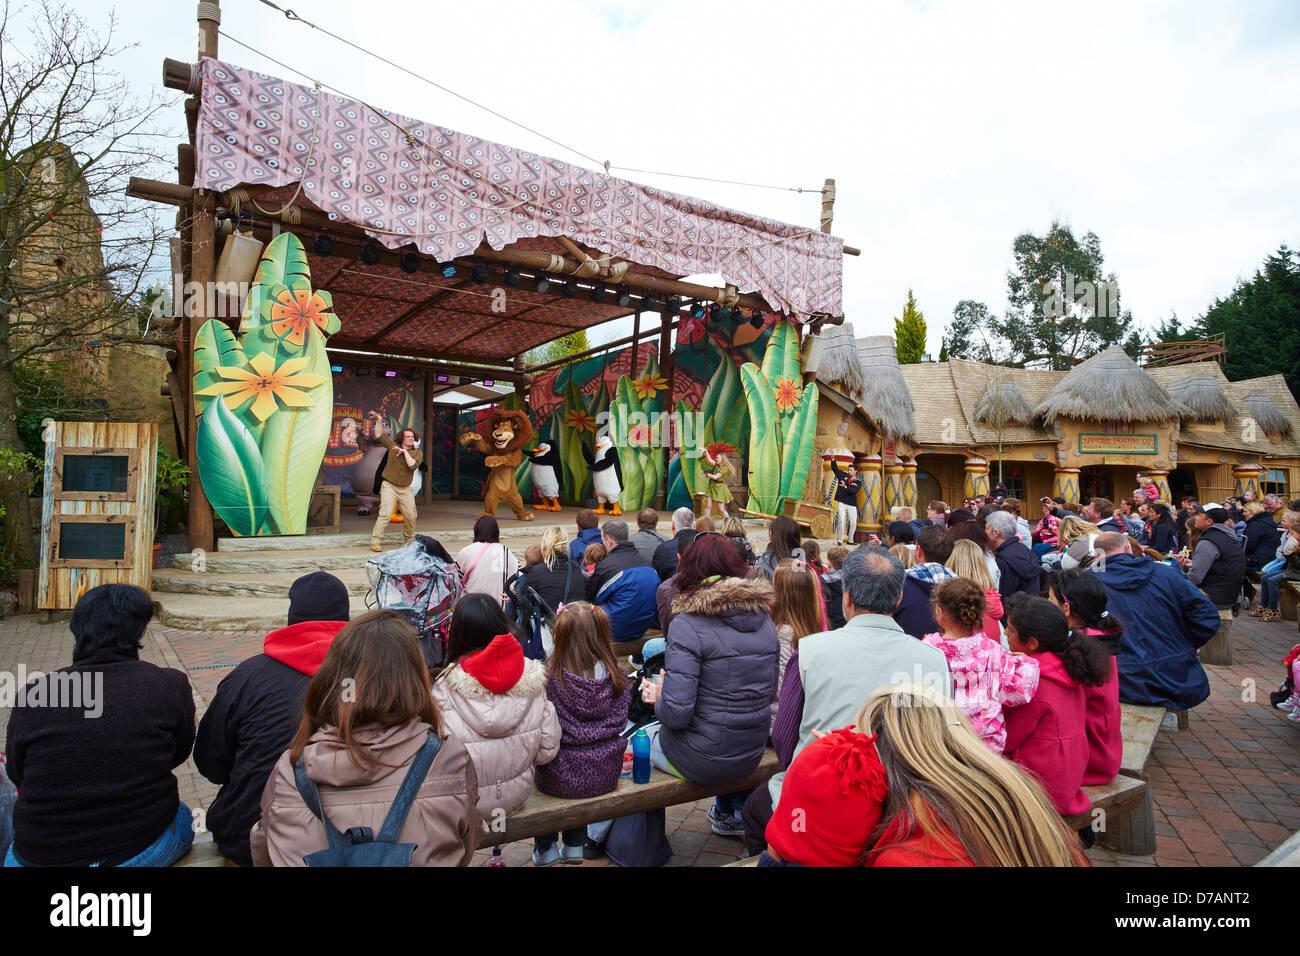 Madagascar live show at Chessington World of Adventures Surrey UK - Stock Image